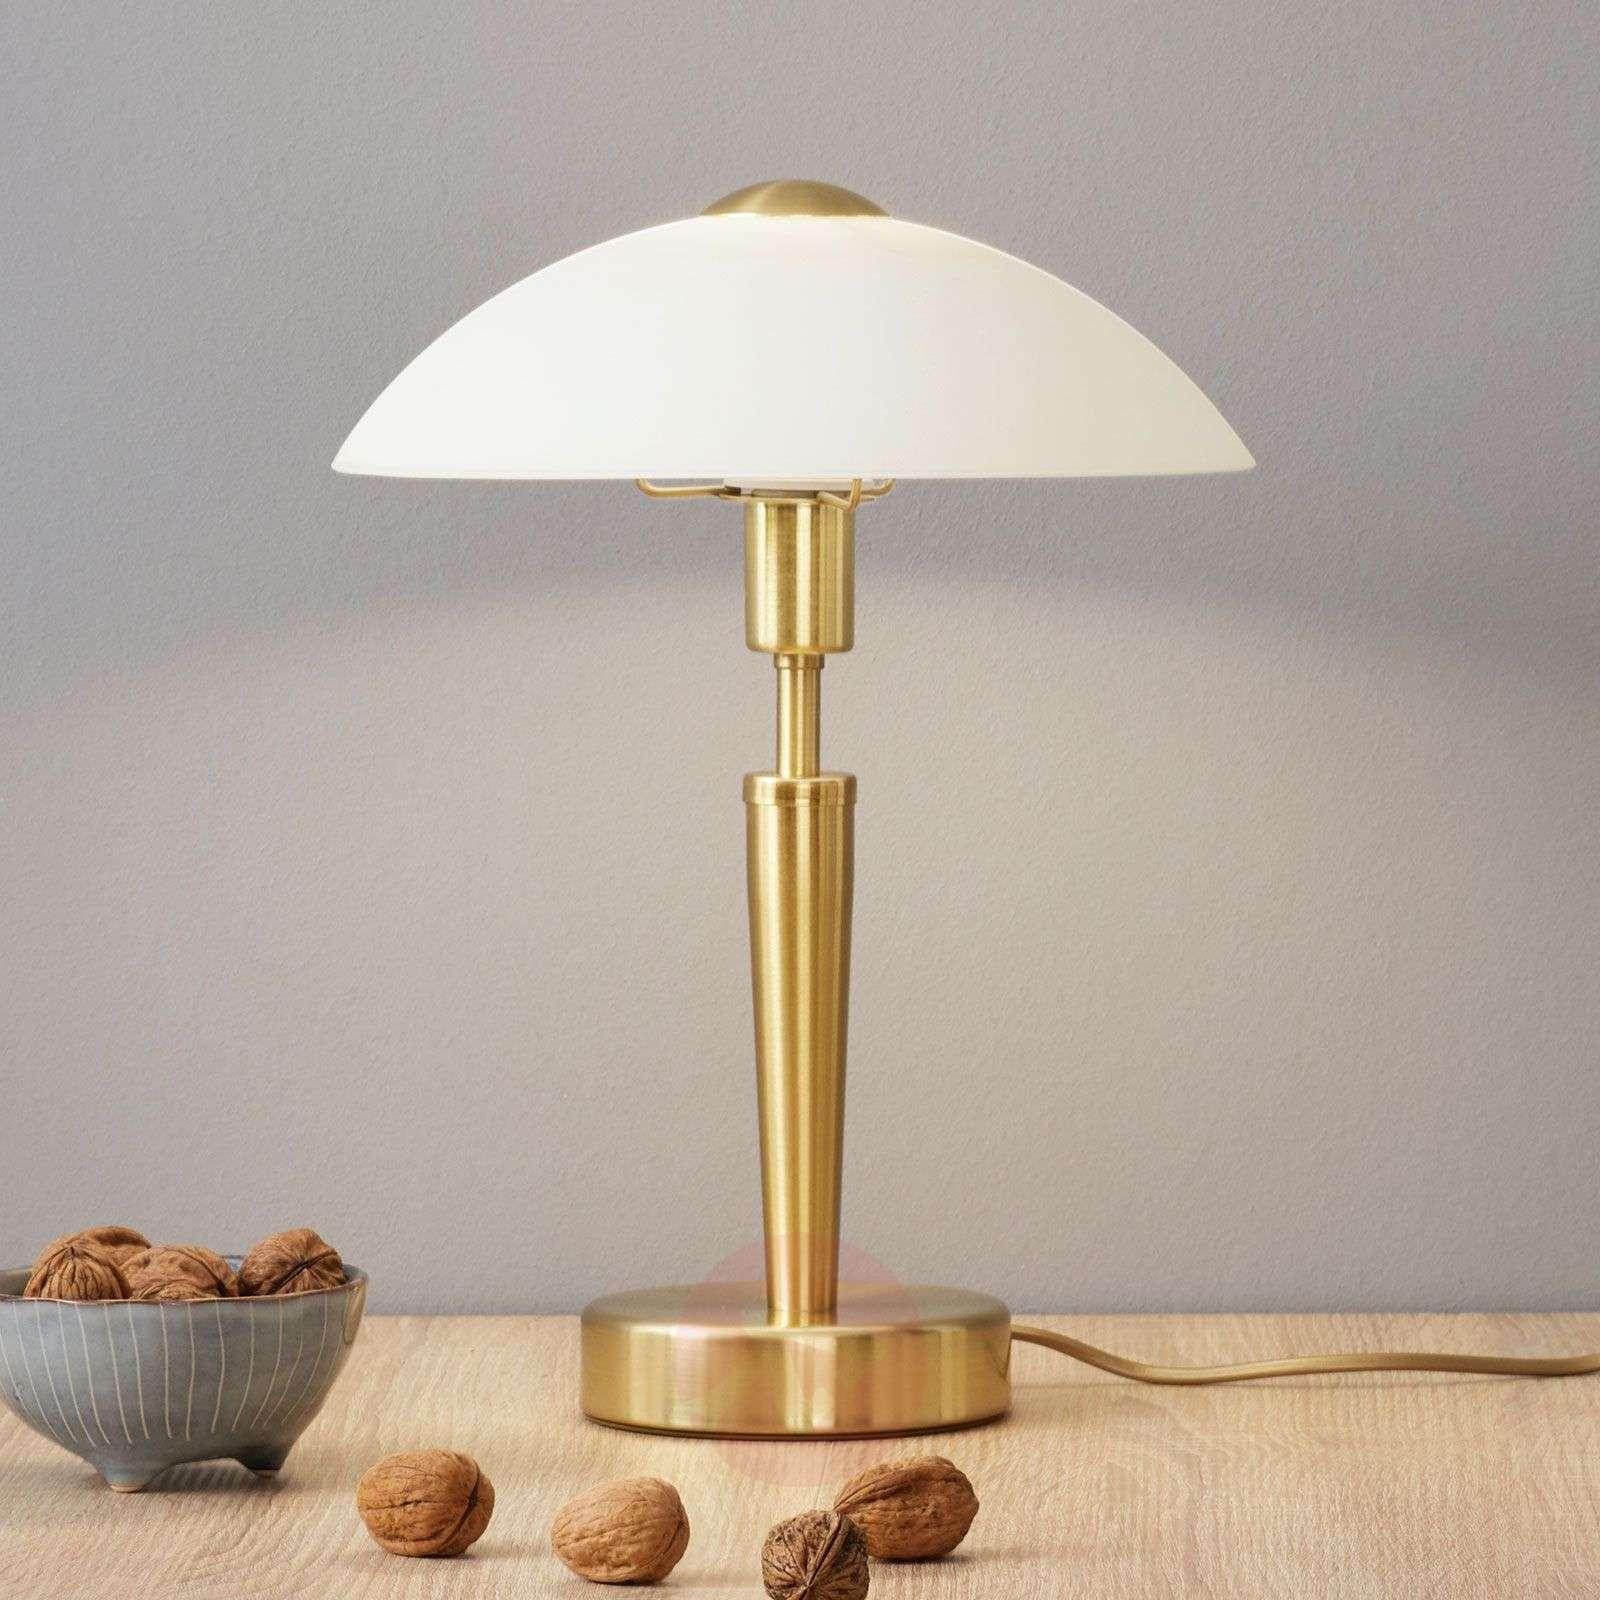 Elegant table lamp Salut, brass, white-3001575-01